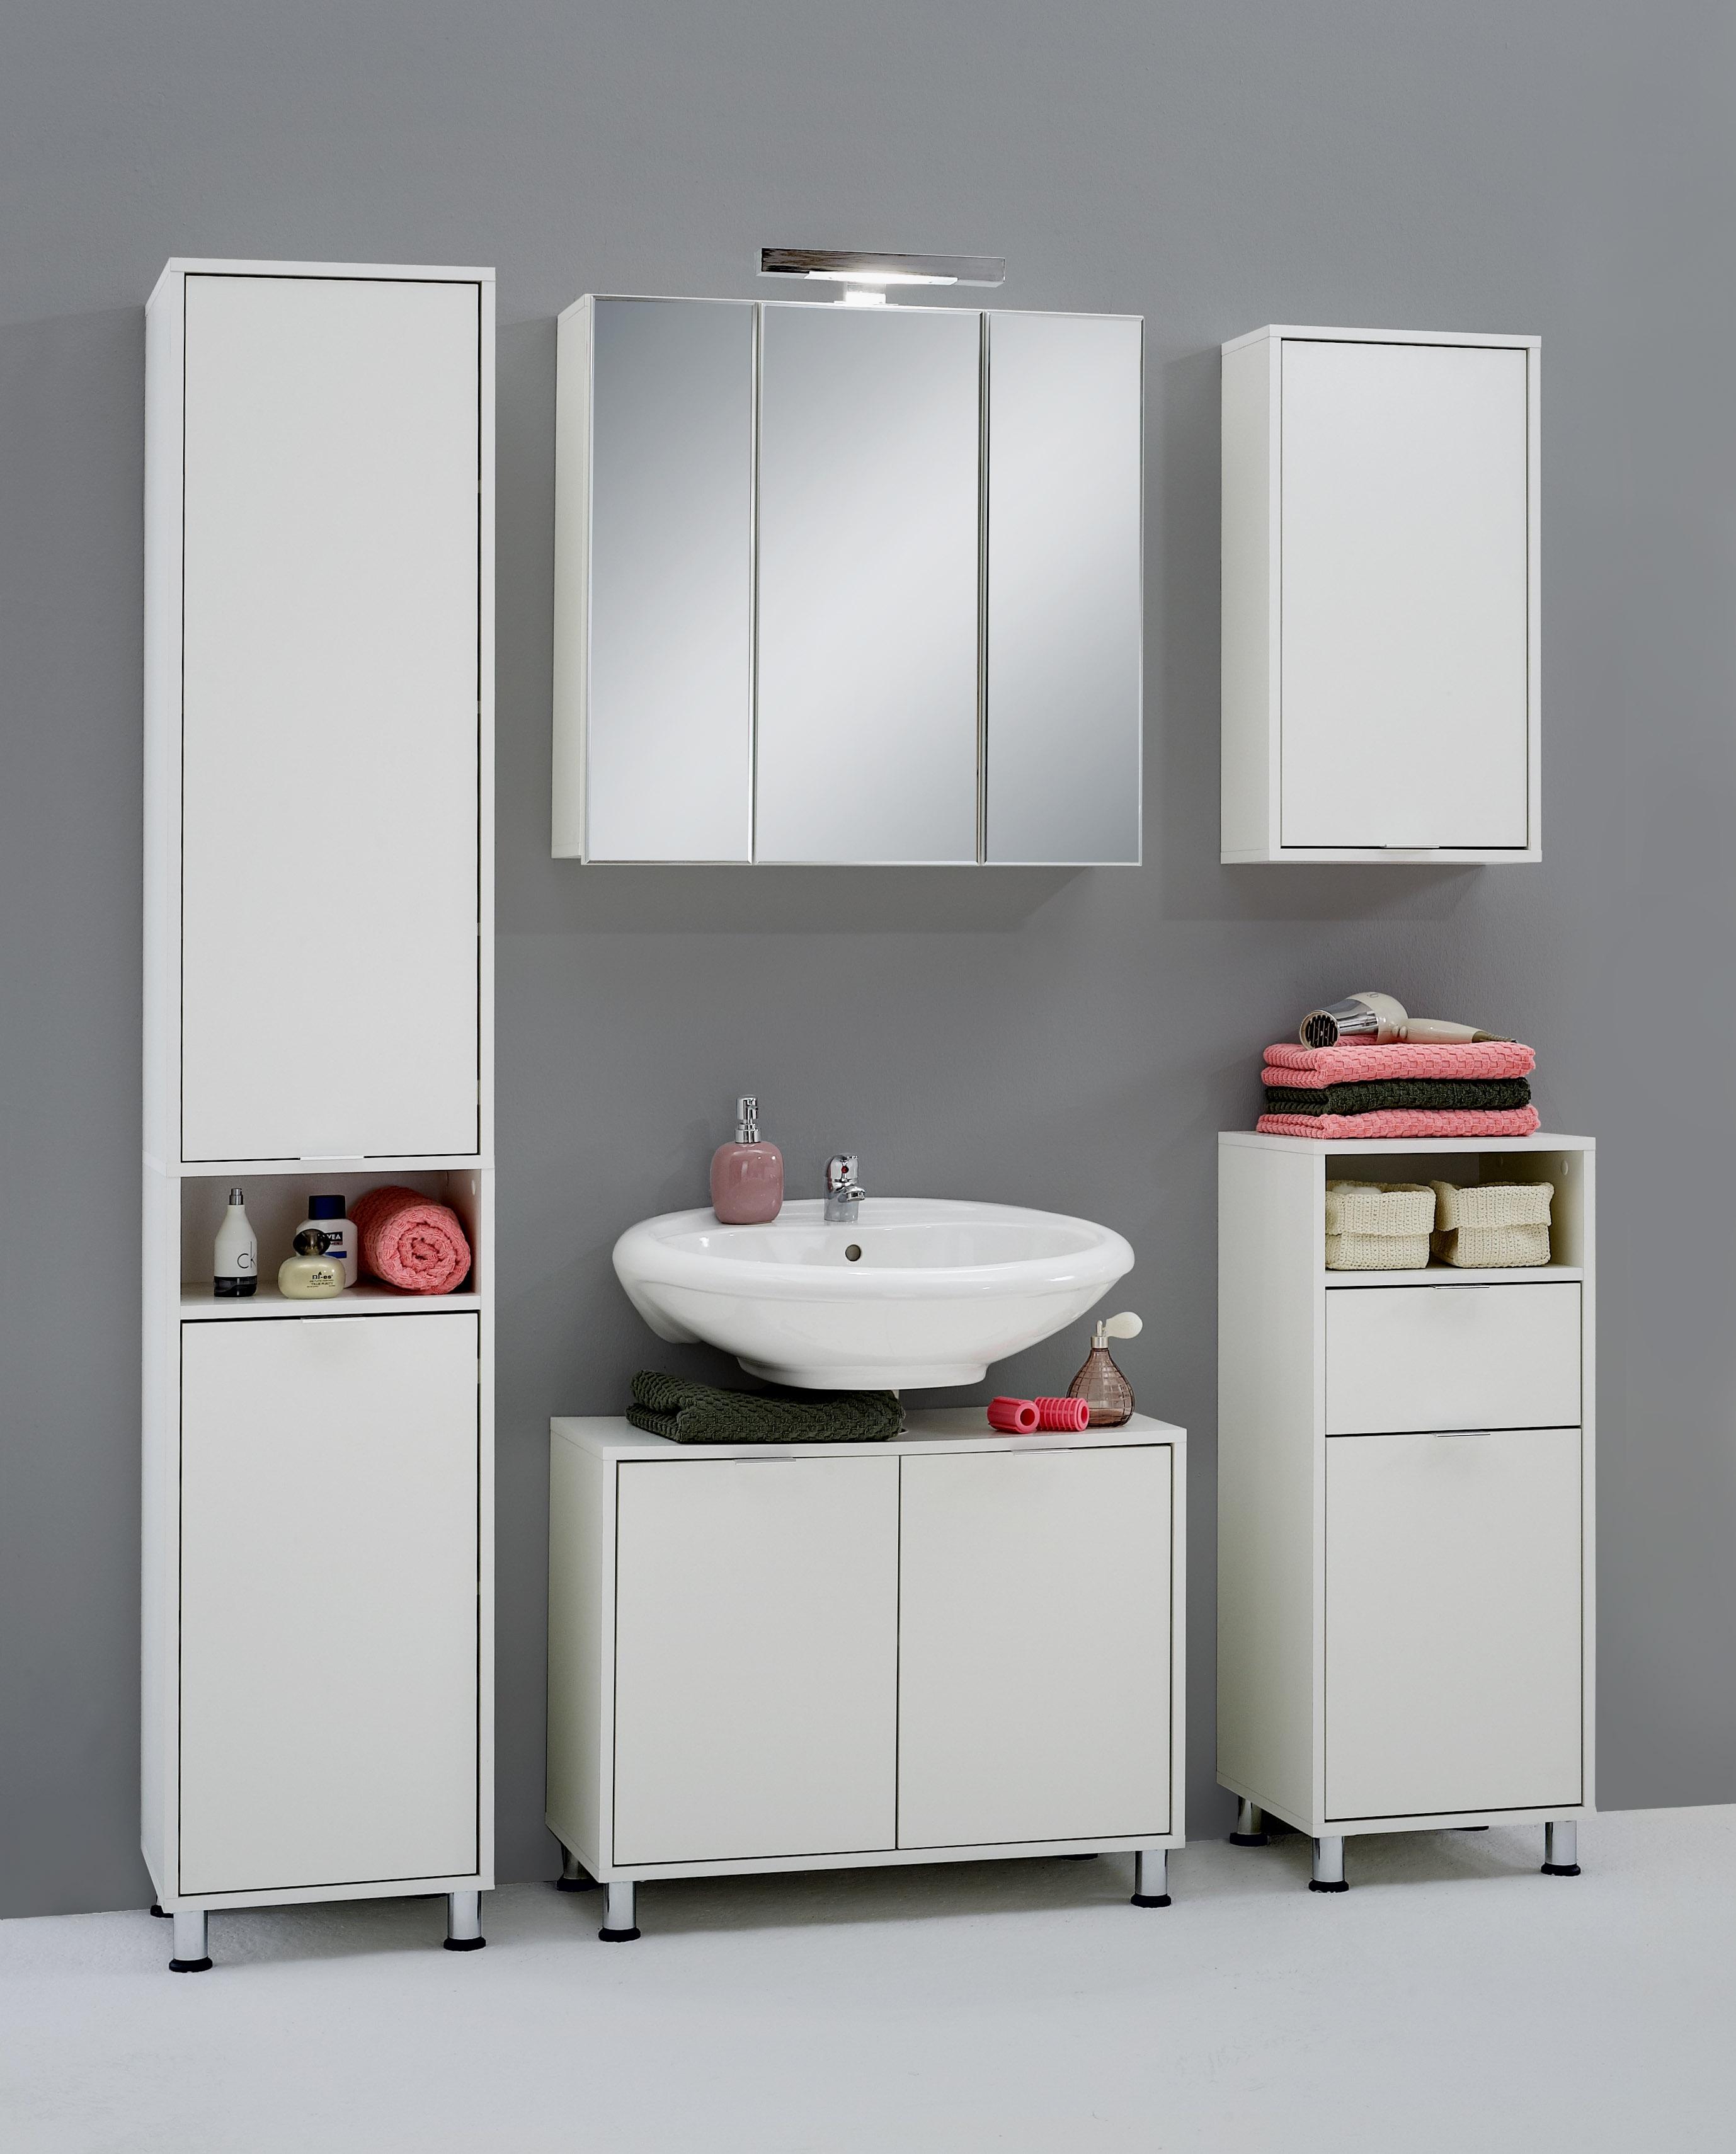 ZAMORA 5 Badezimmer-Wandschrank von FMD Weiss